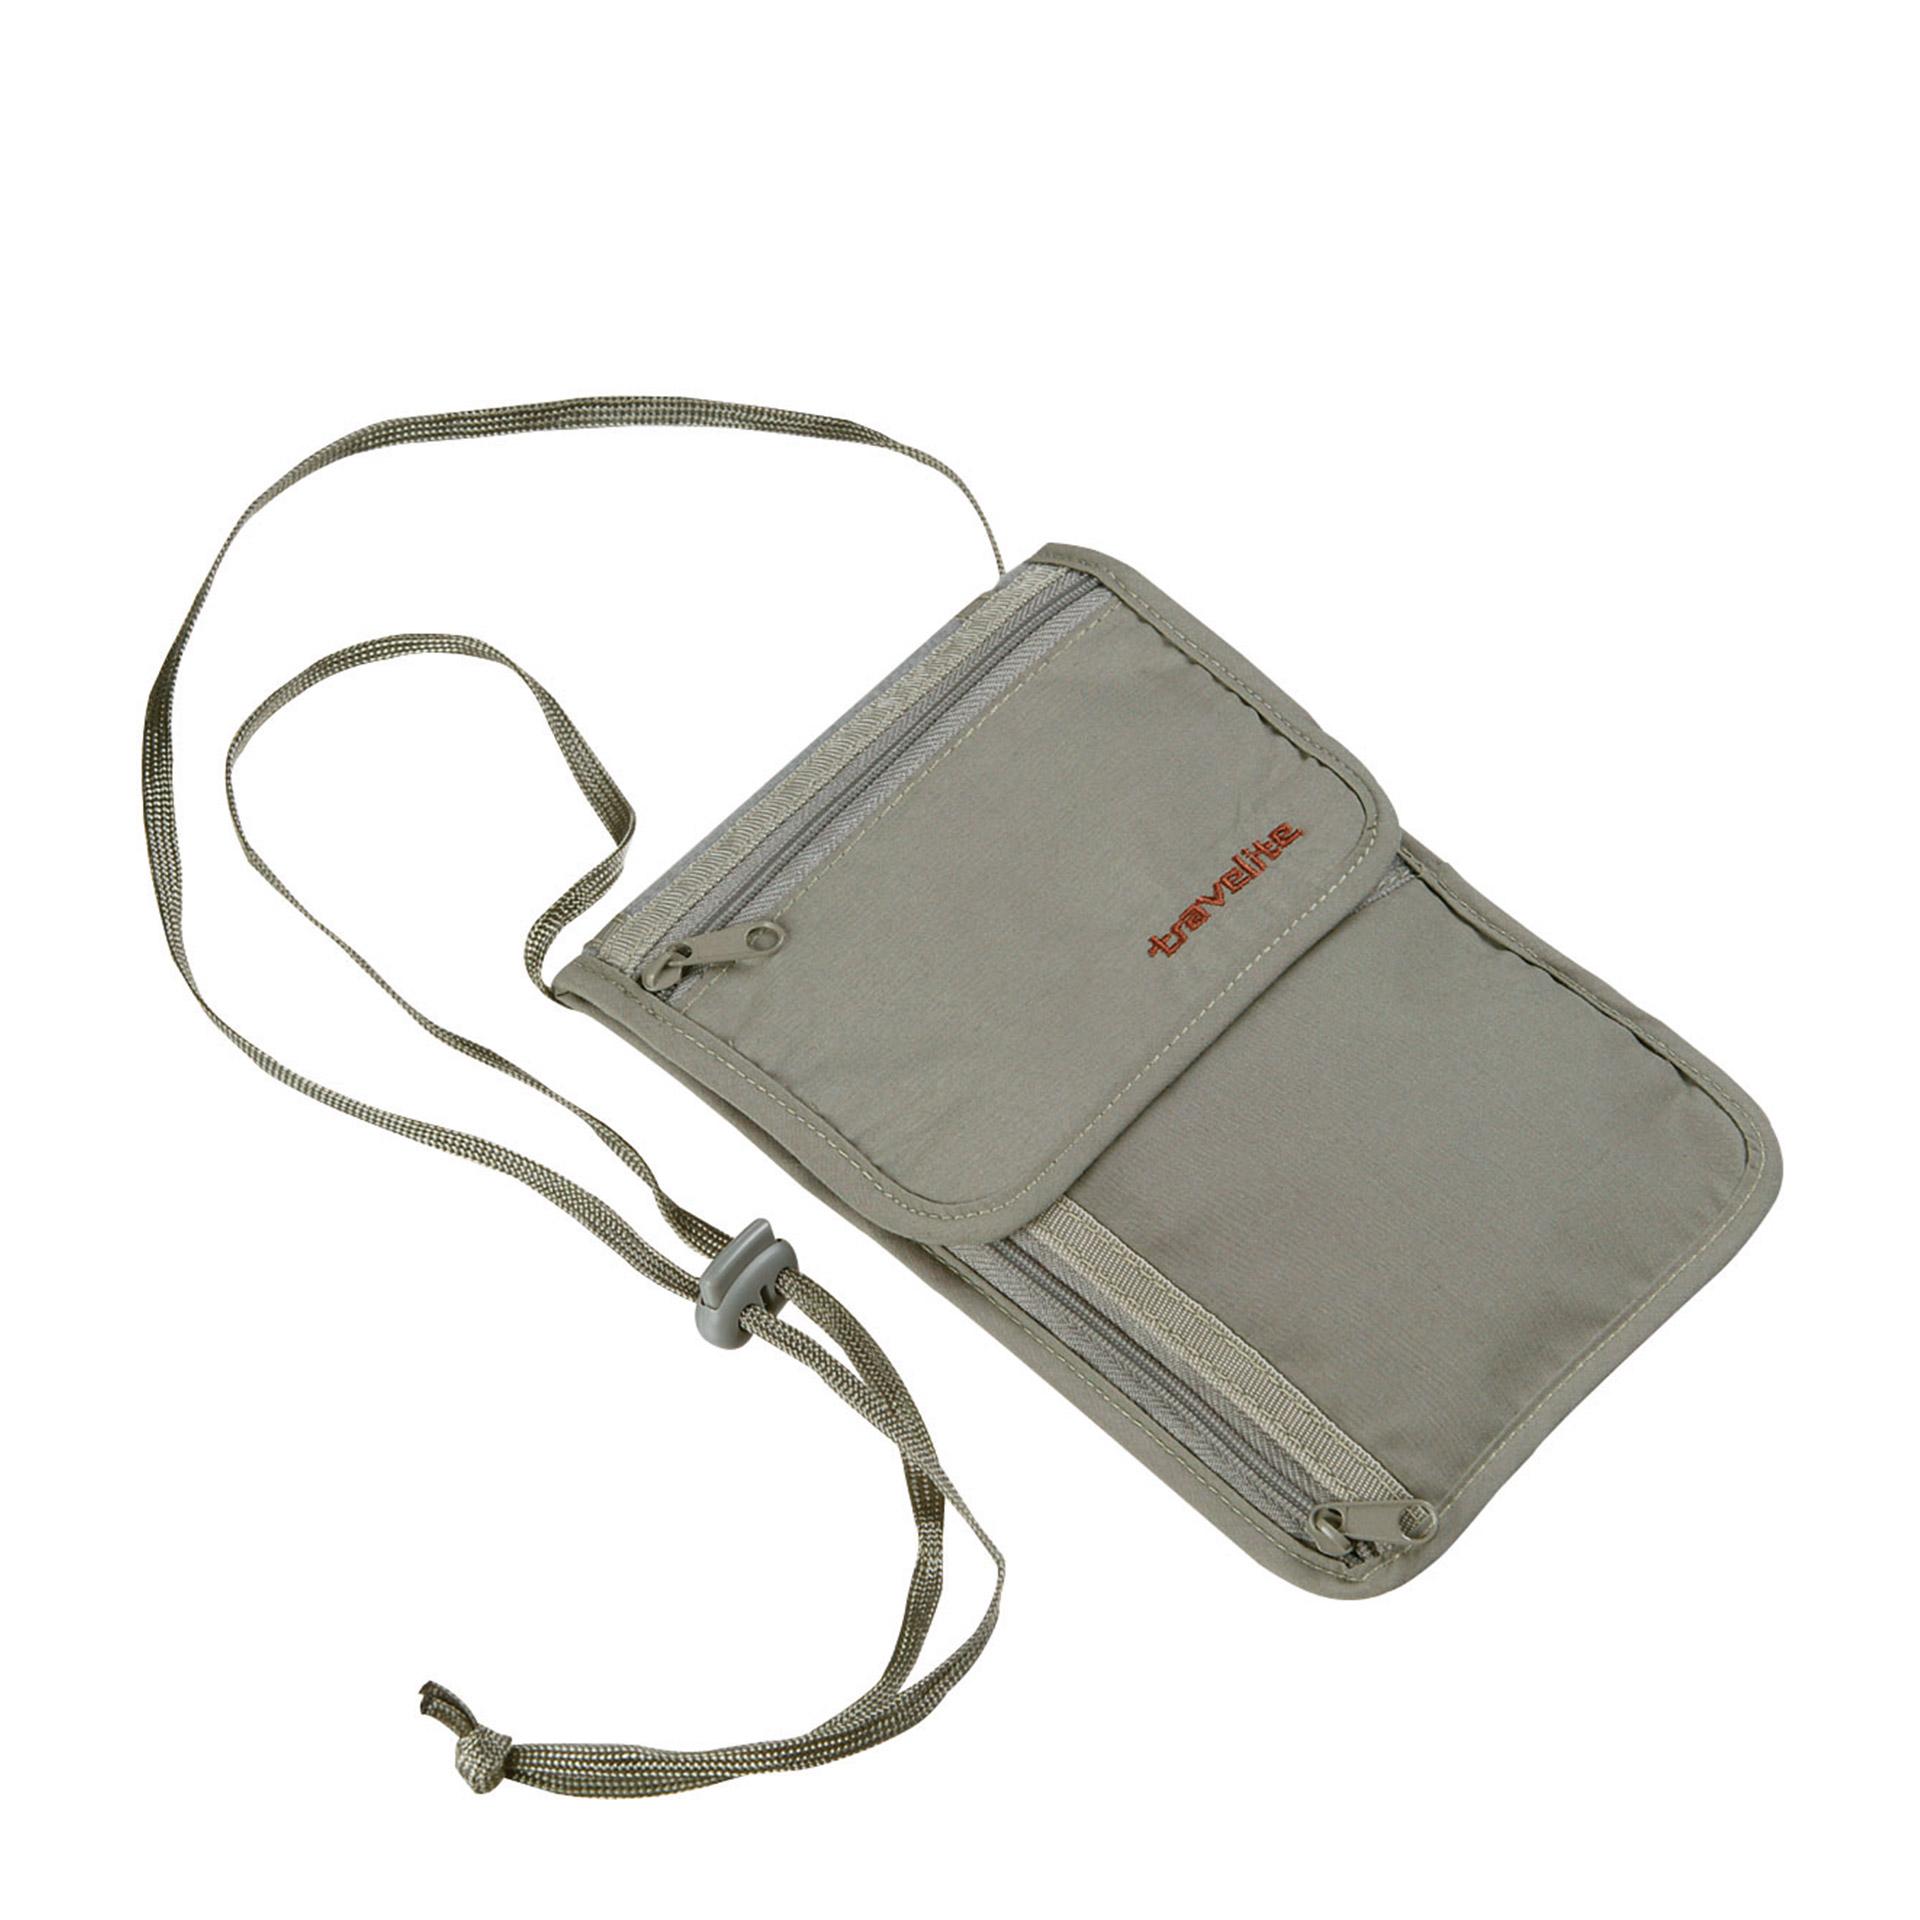 Accessoires Sicherheits-Brustbeutel mit RFID schwarz